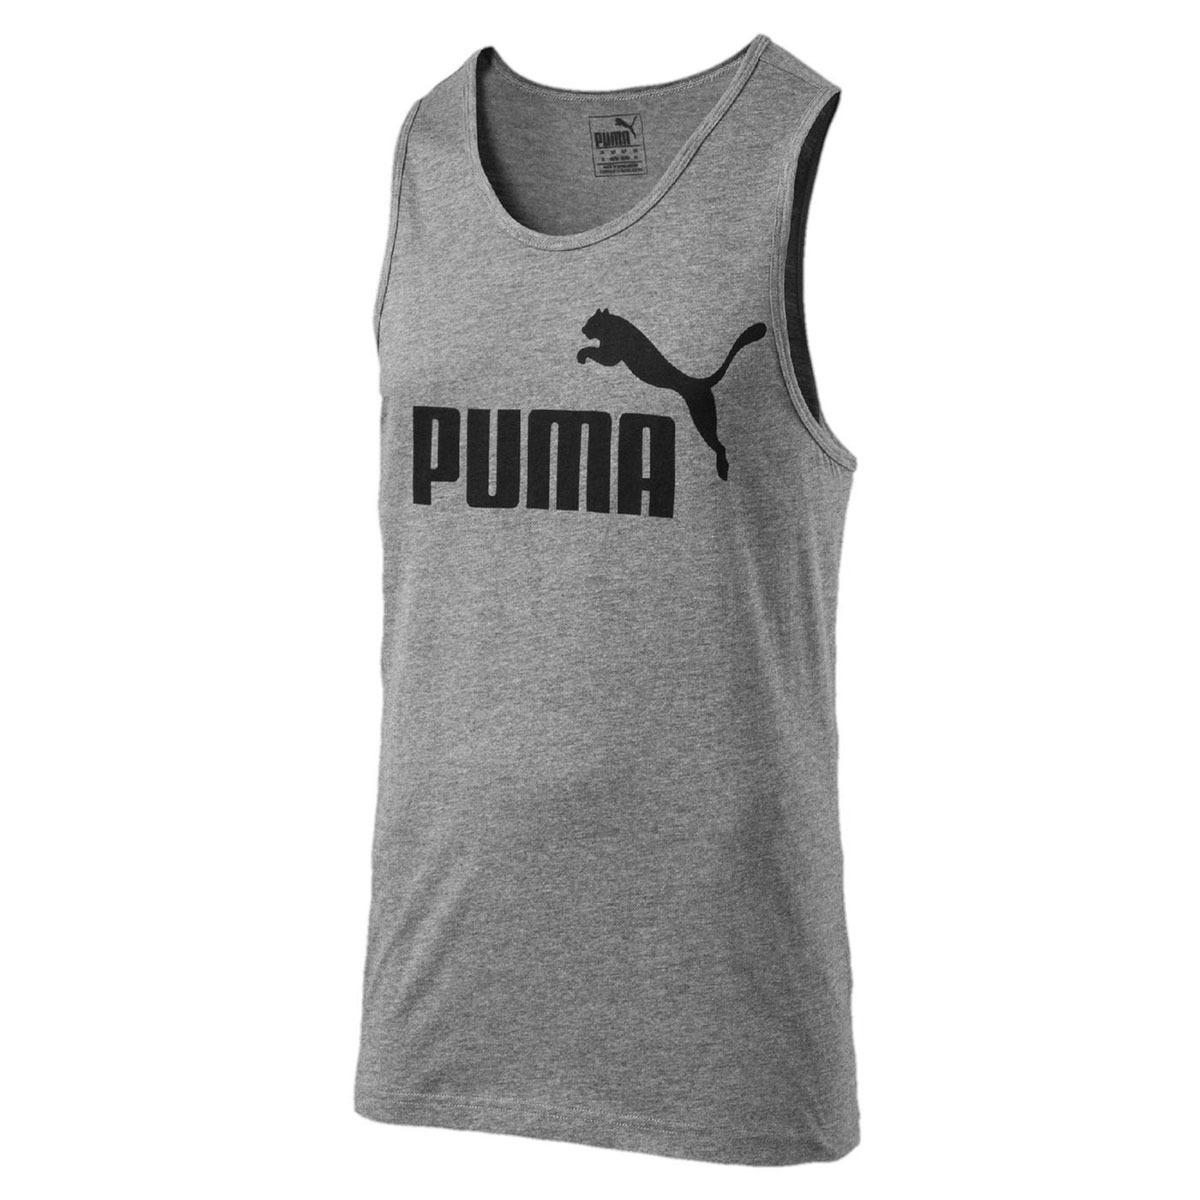 Camiseta Regata Masculina Ess No.1 Tank - Puma - Cinza Mescl - R  48 ... fdc3fa013e3